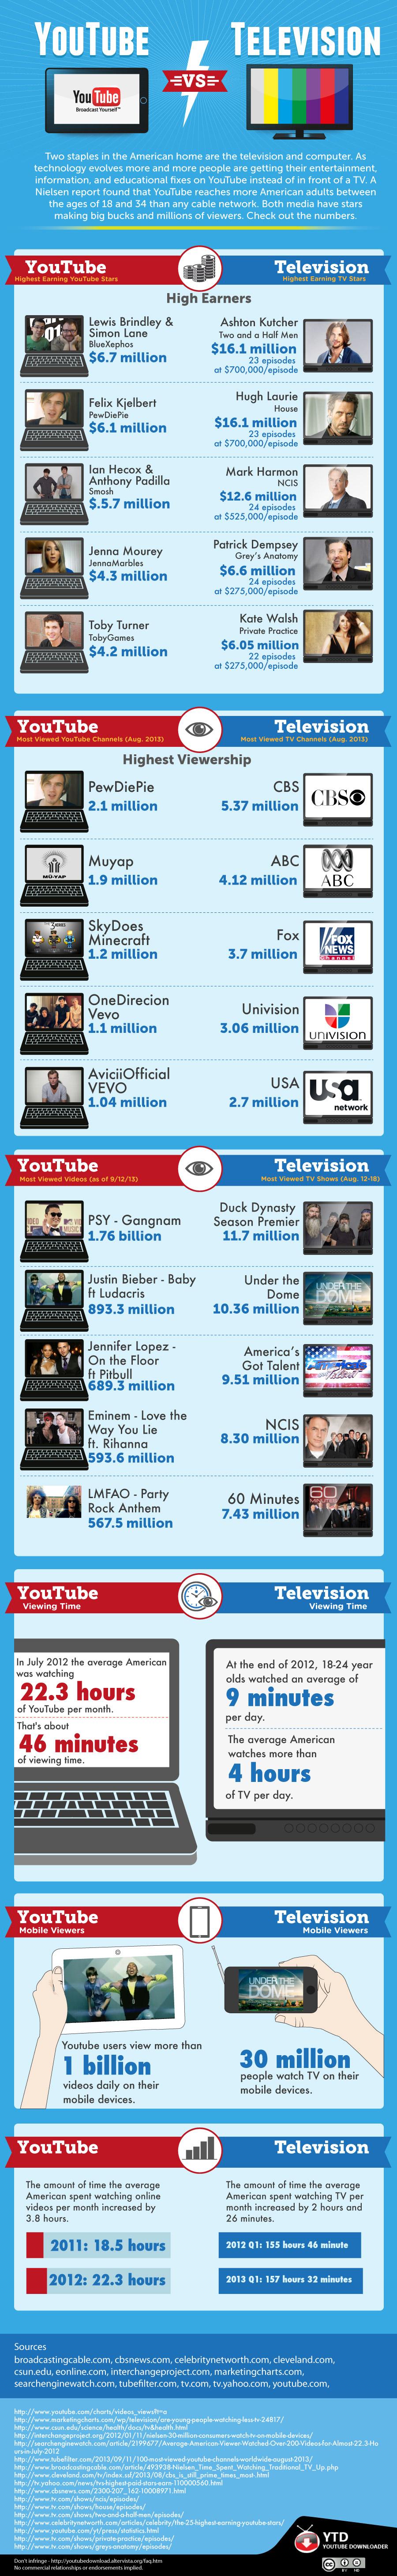 YouTube versus TV